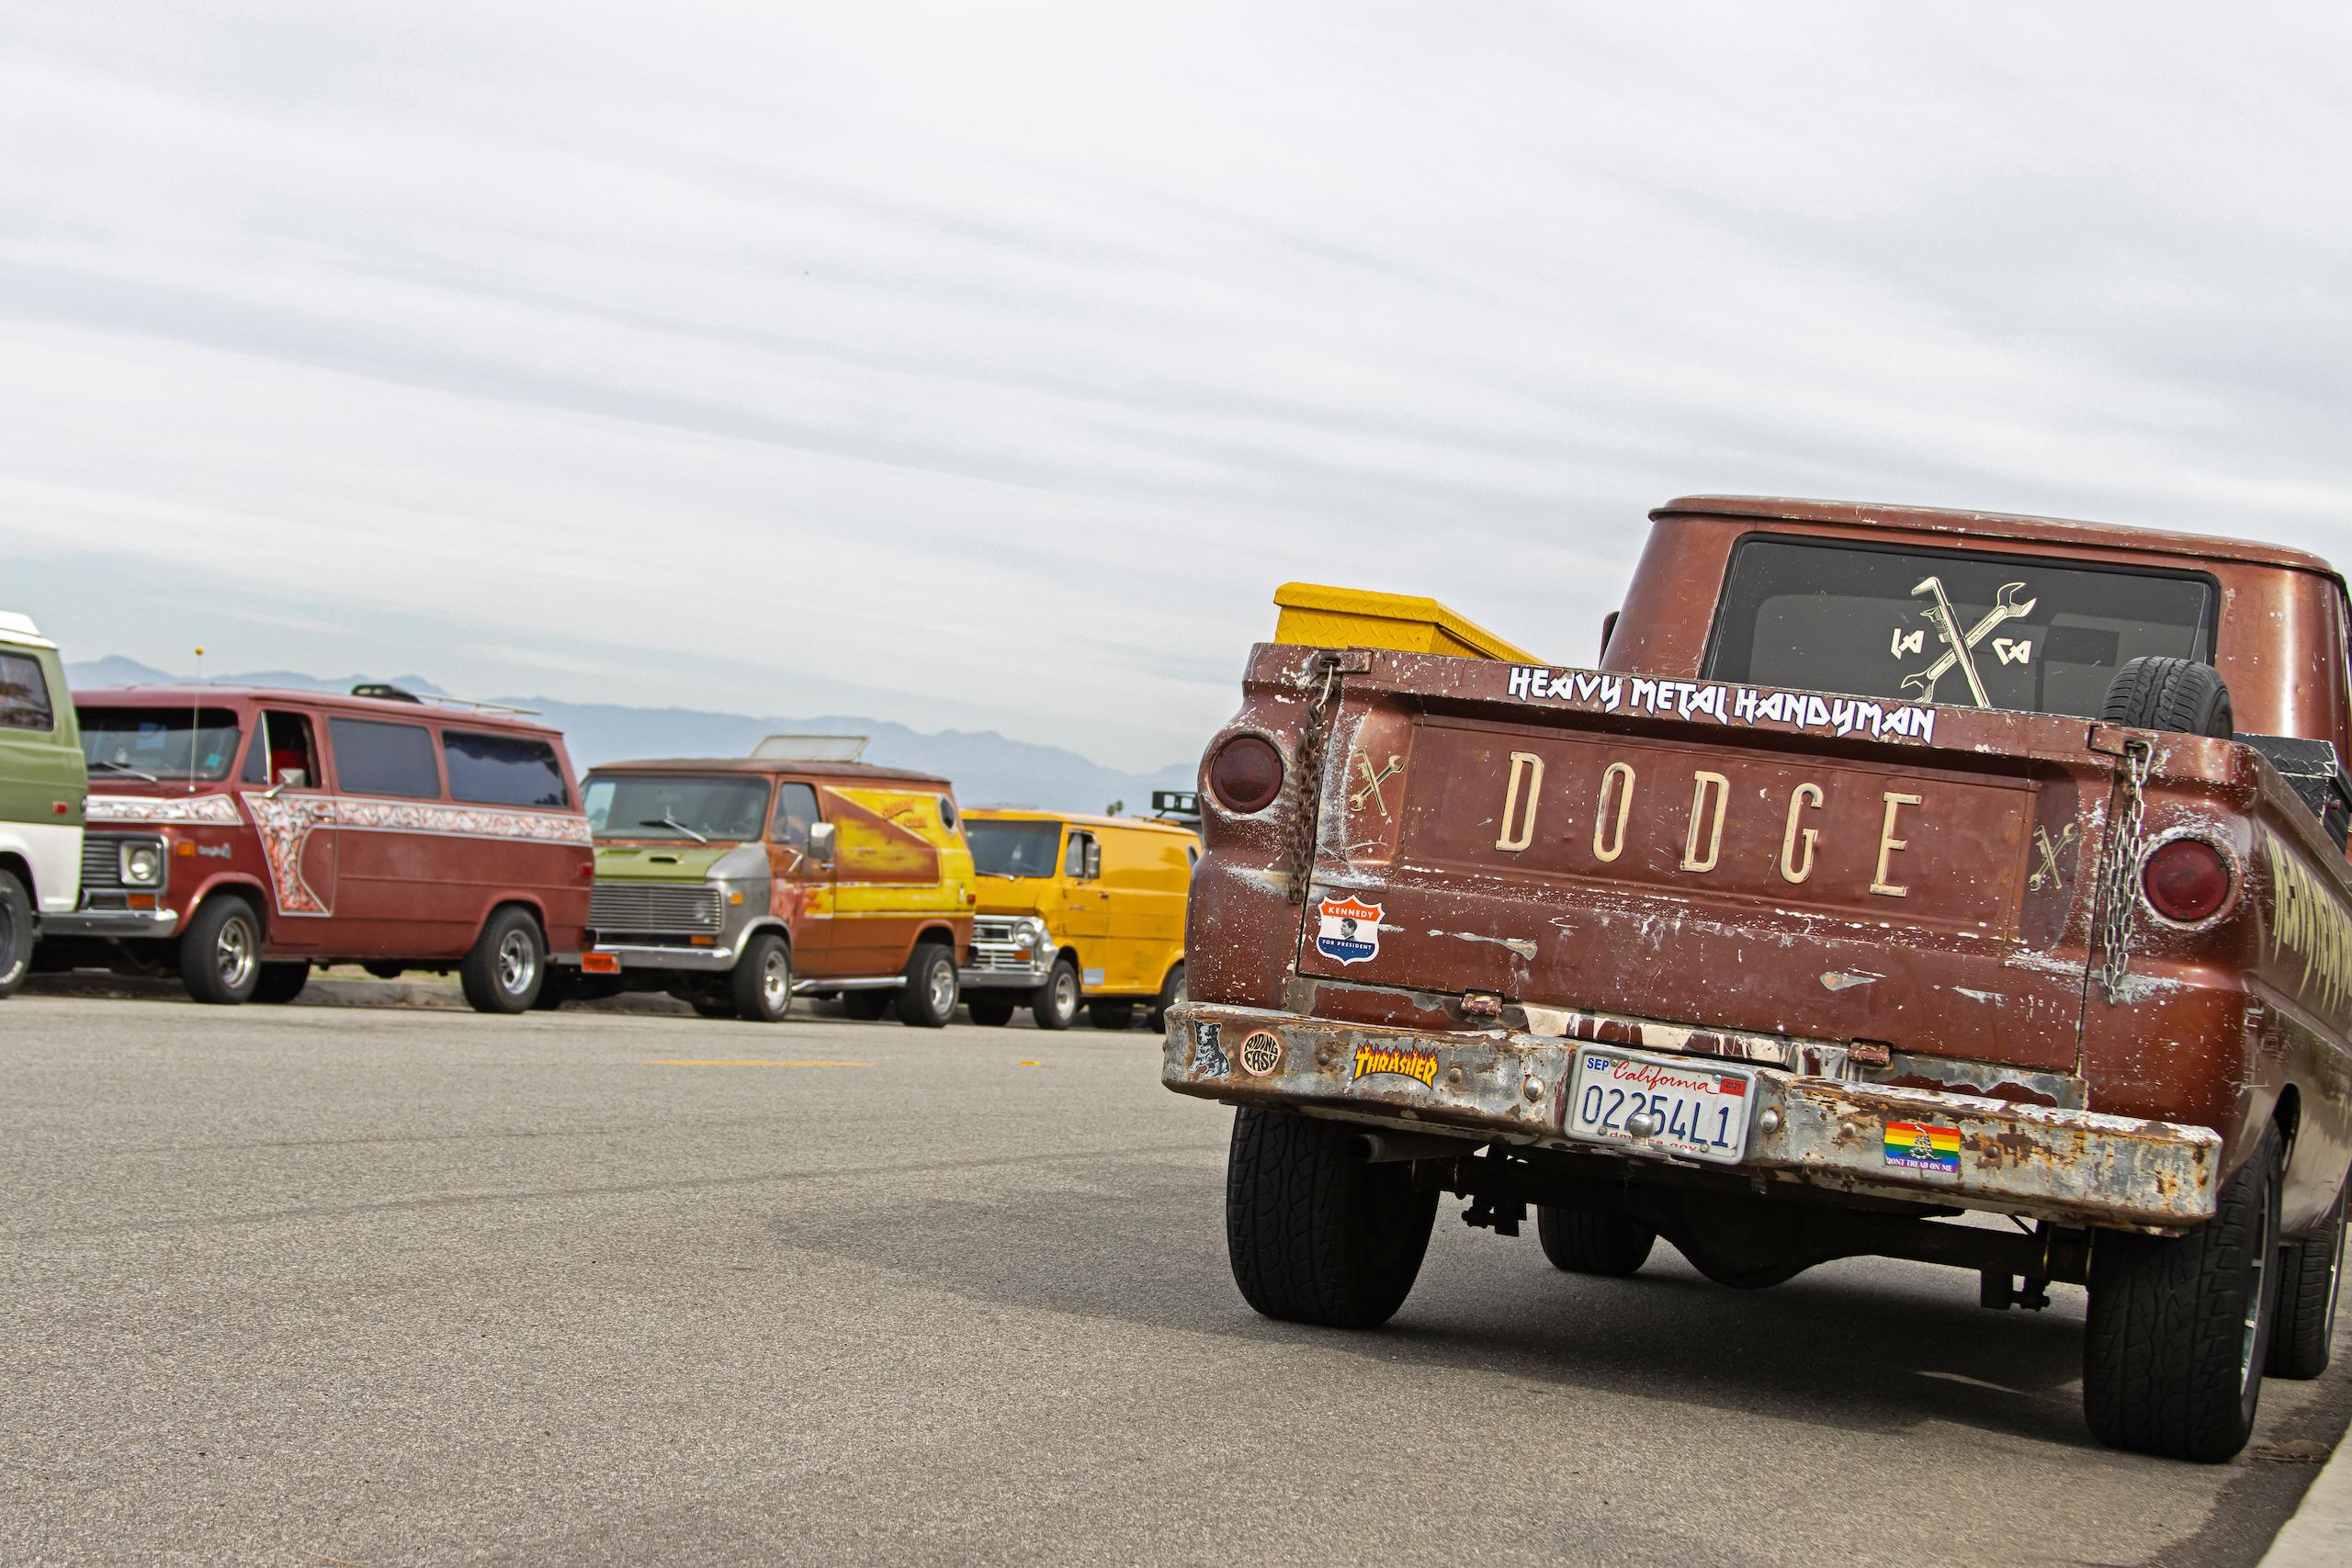 So-Cal Slow Ride Van Run dodge tailgate and vans